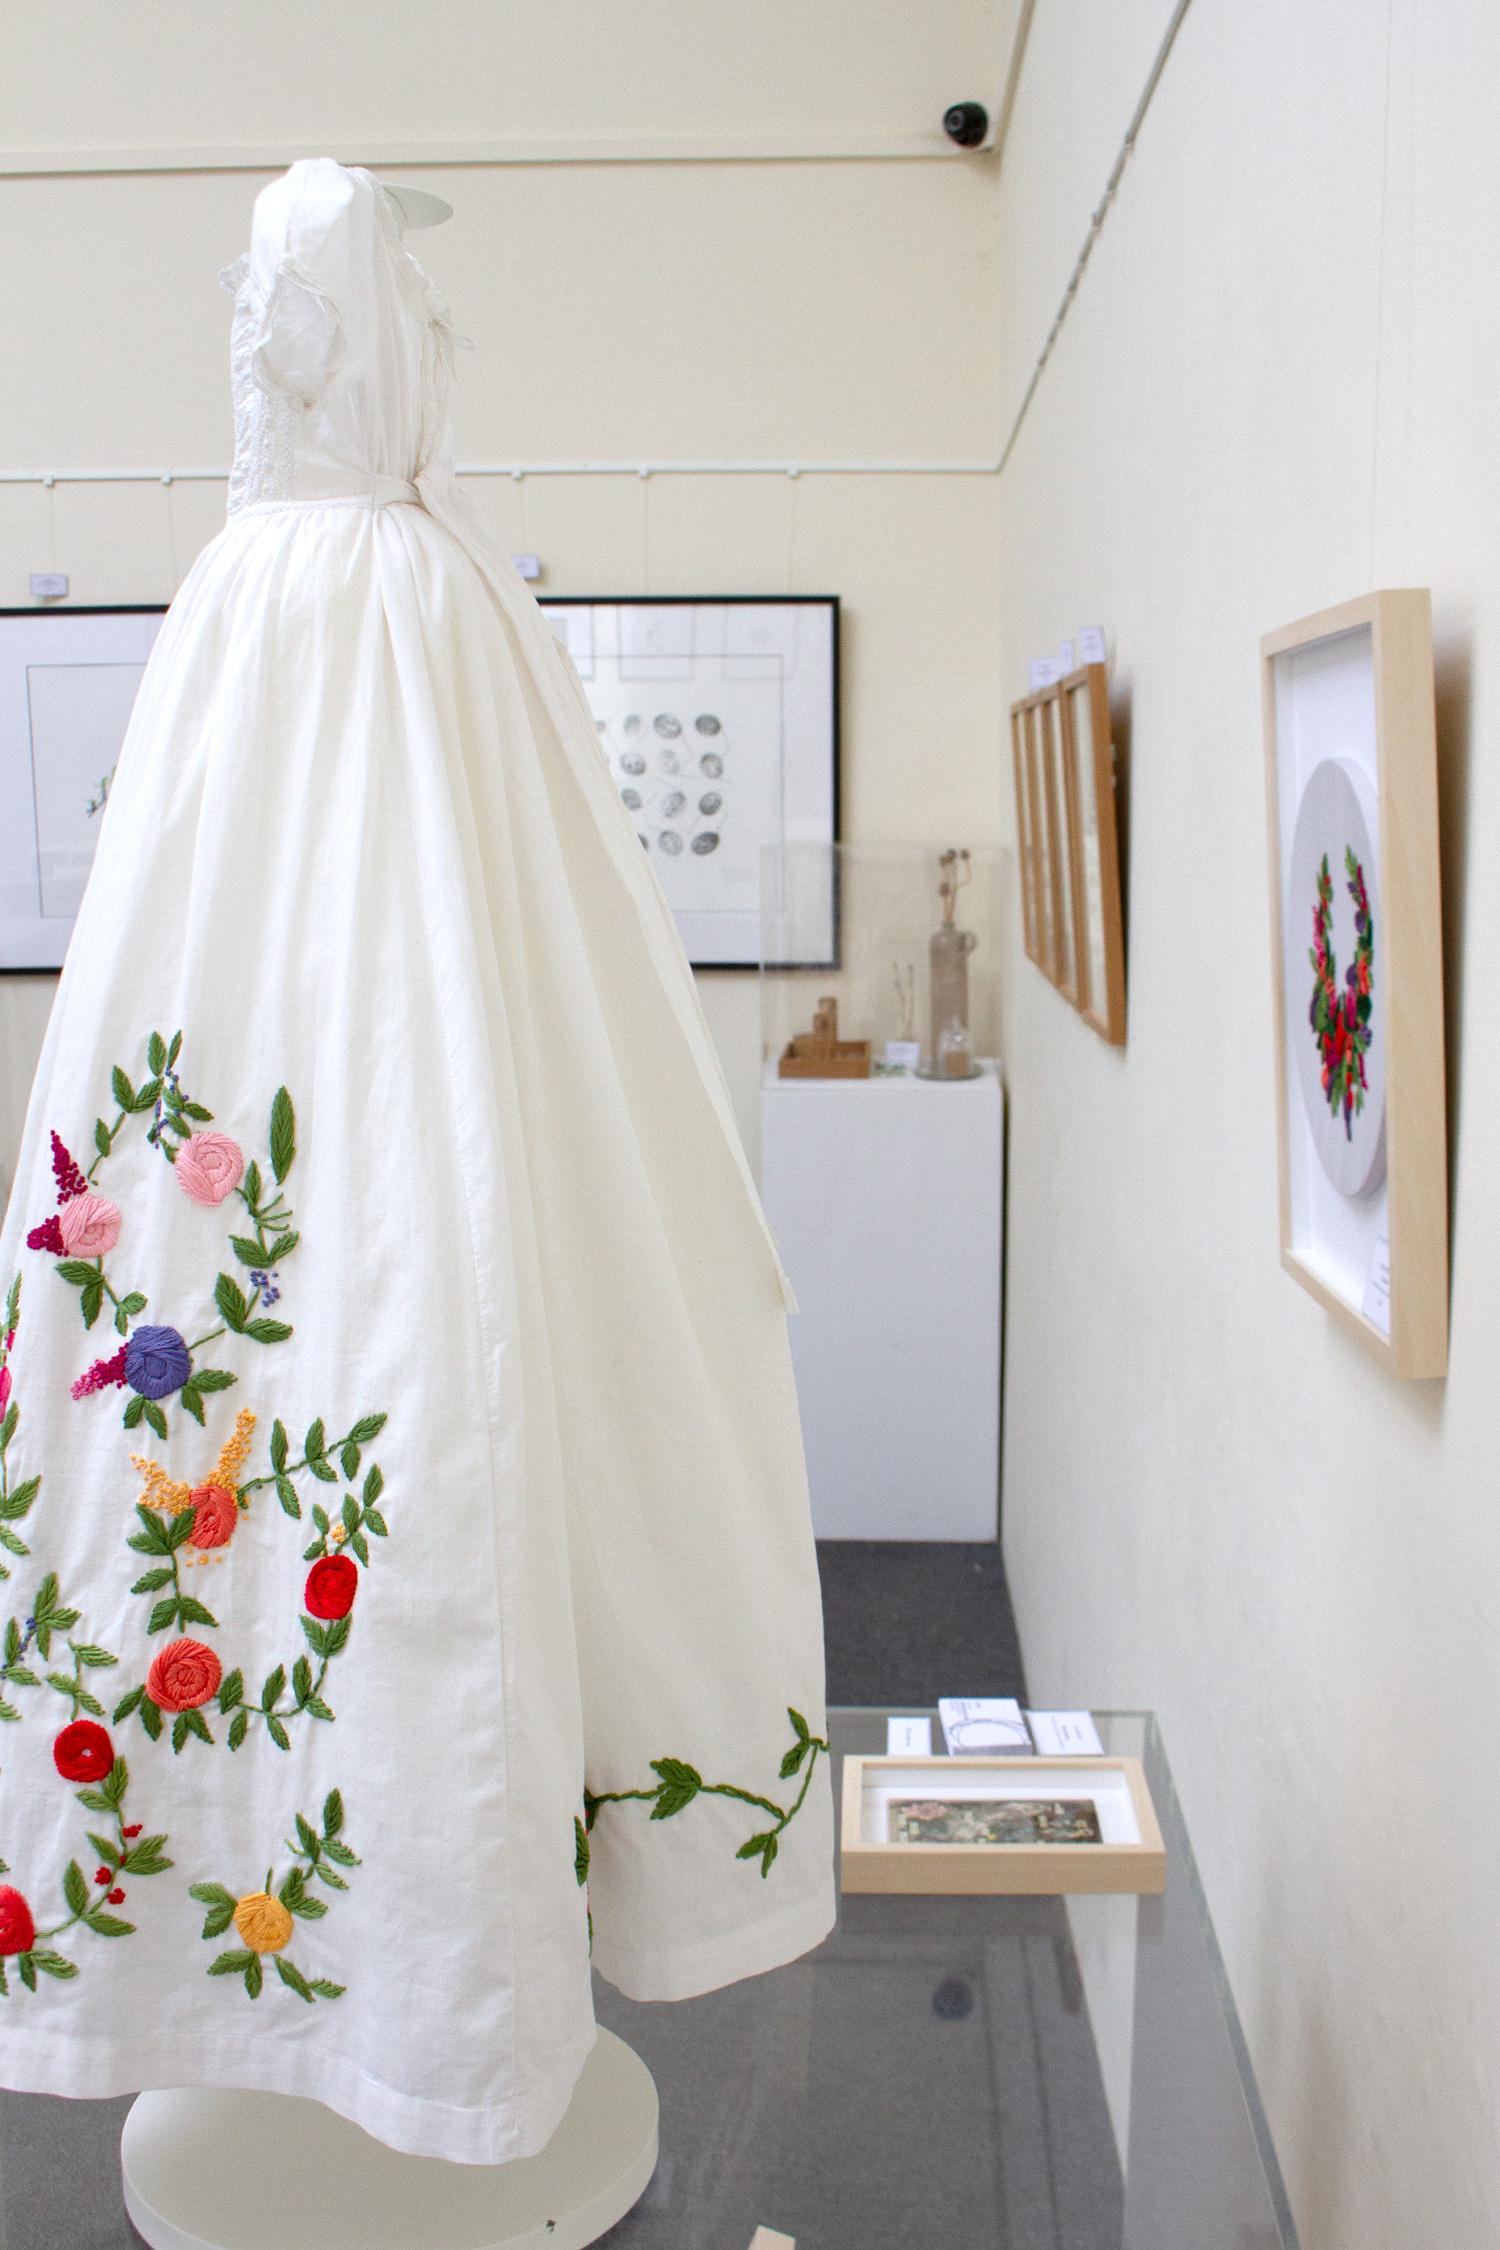 Helen Wilde's Embroidered work